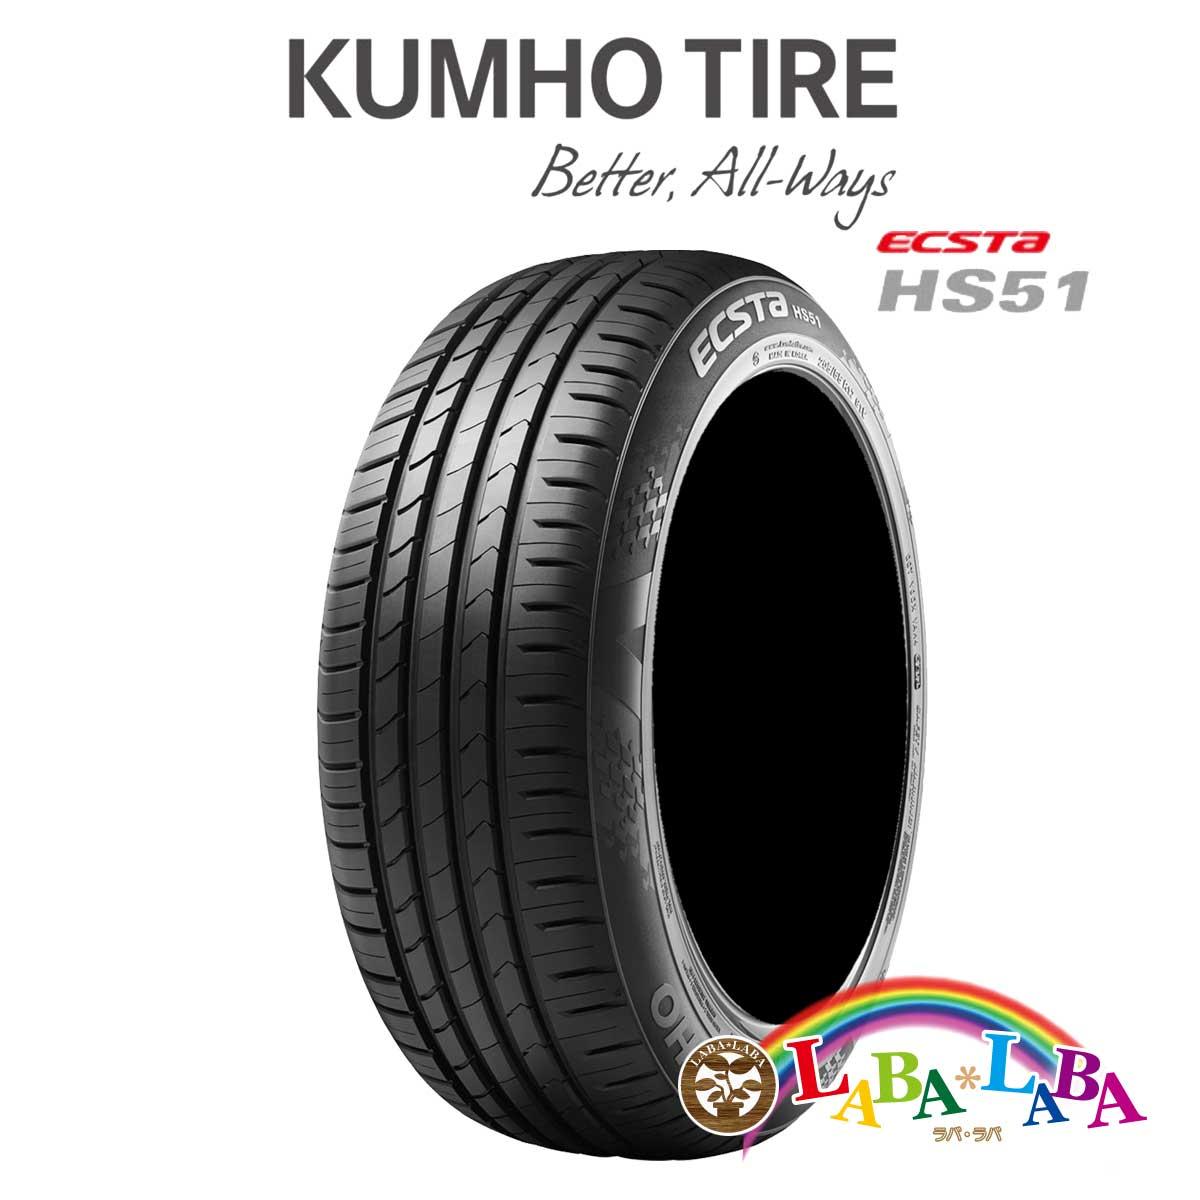 送料無料 輸入タイヤ サマータイヤ 新品 タイヤのみ 2本SET KUMHO クムホ 新作 人気 公式ストア 85V HS51 ECSTA エクスタ 55R15 2本セット 195